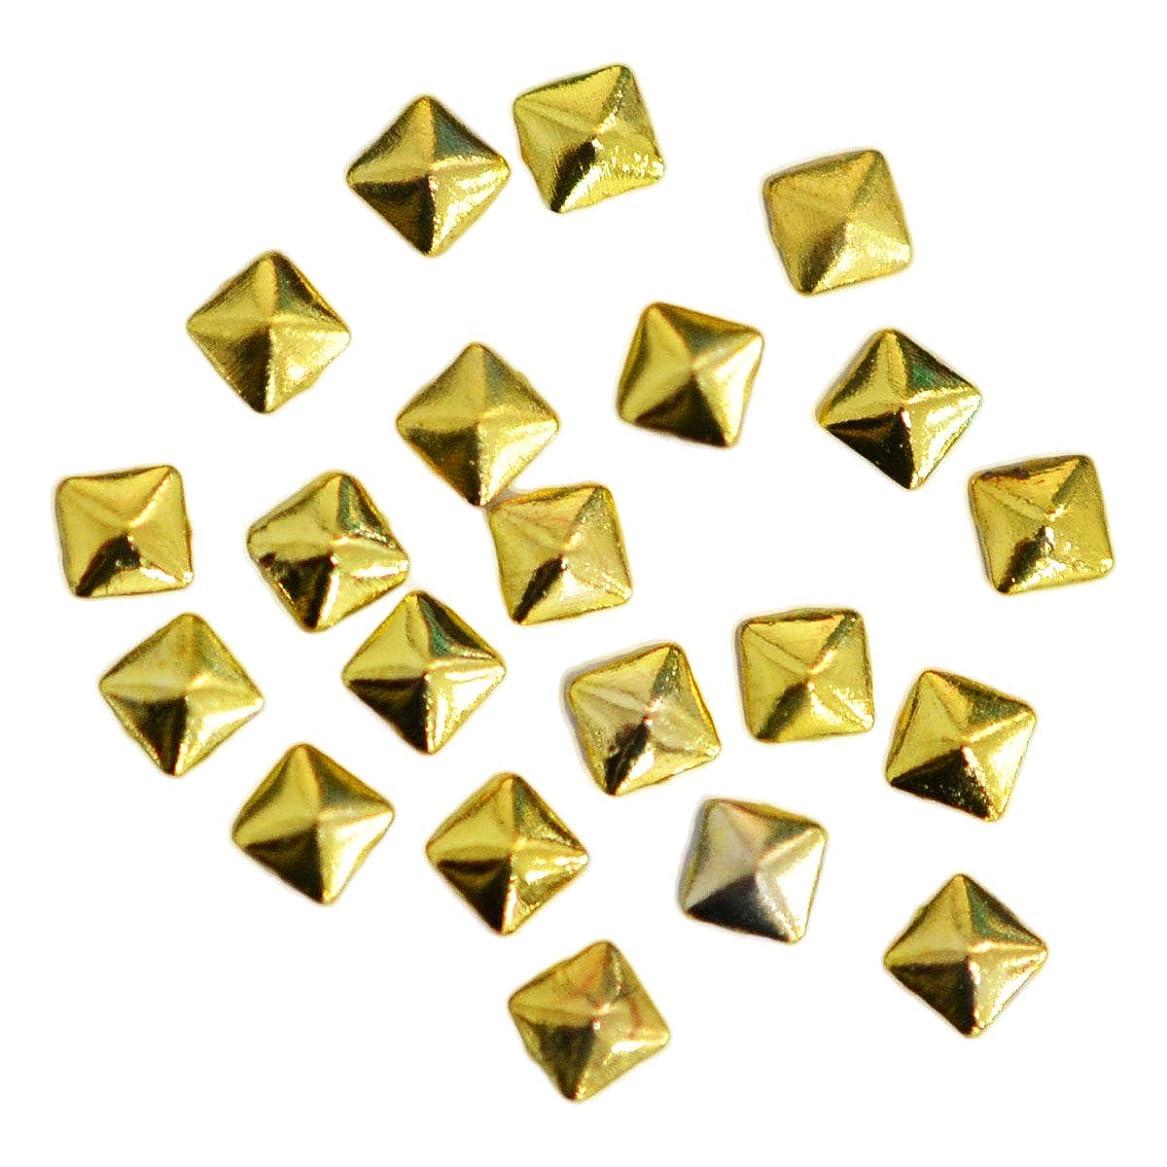 テスト咽頭活性化メタルスタッズ スクエア 2mm / ピラミッド型 四角錐 20粒